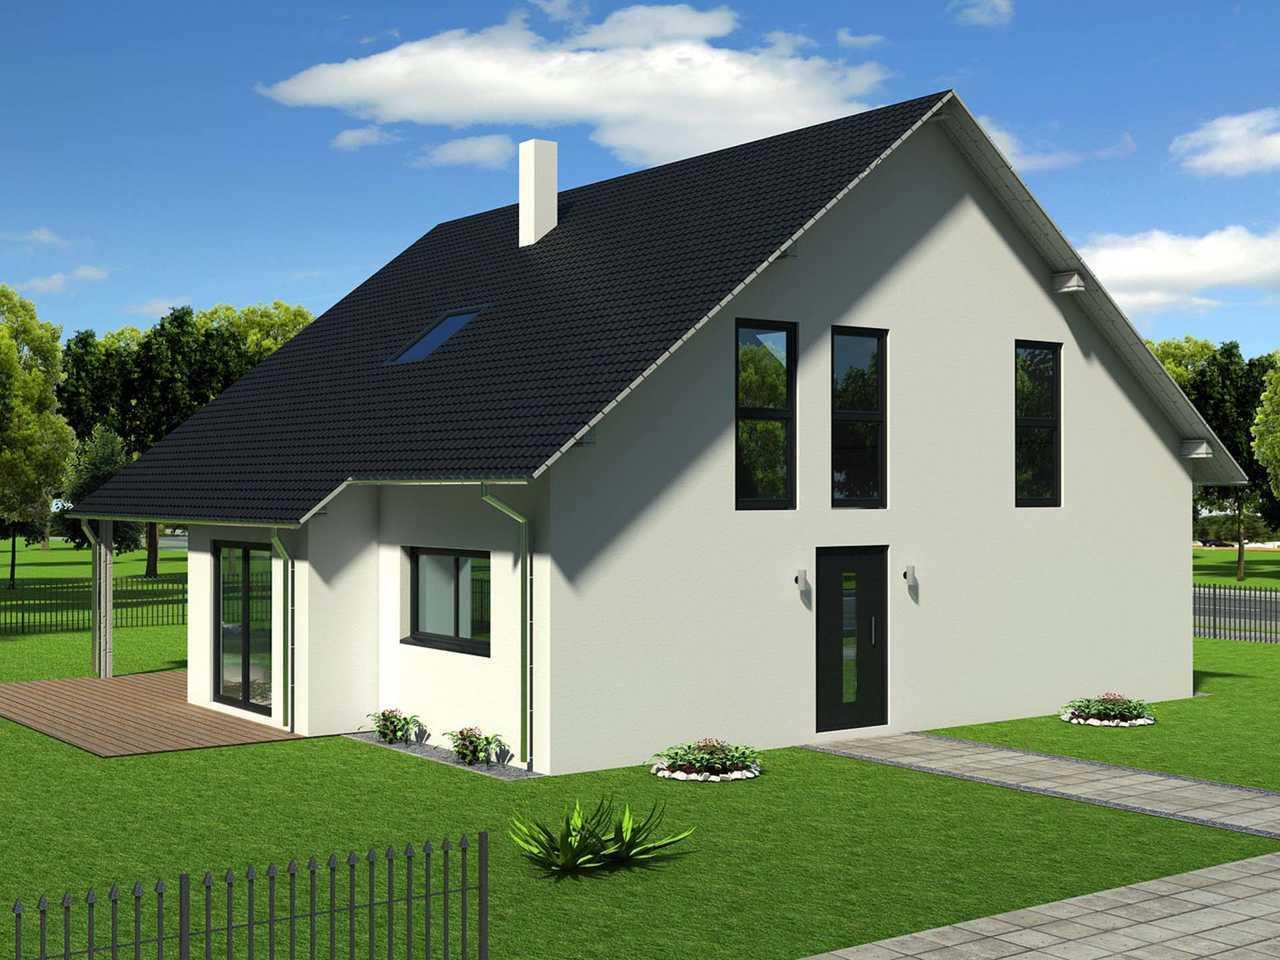 FamilienHaus 207 Fensterle Bauunternehmen